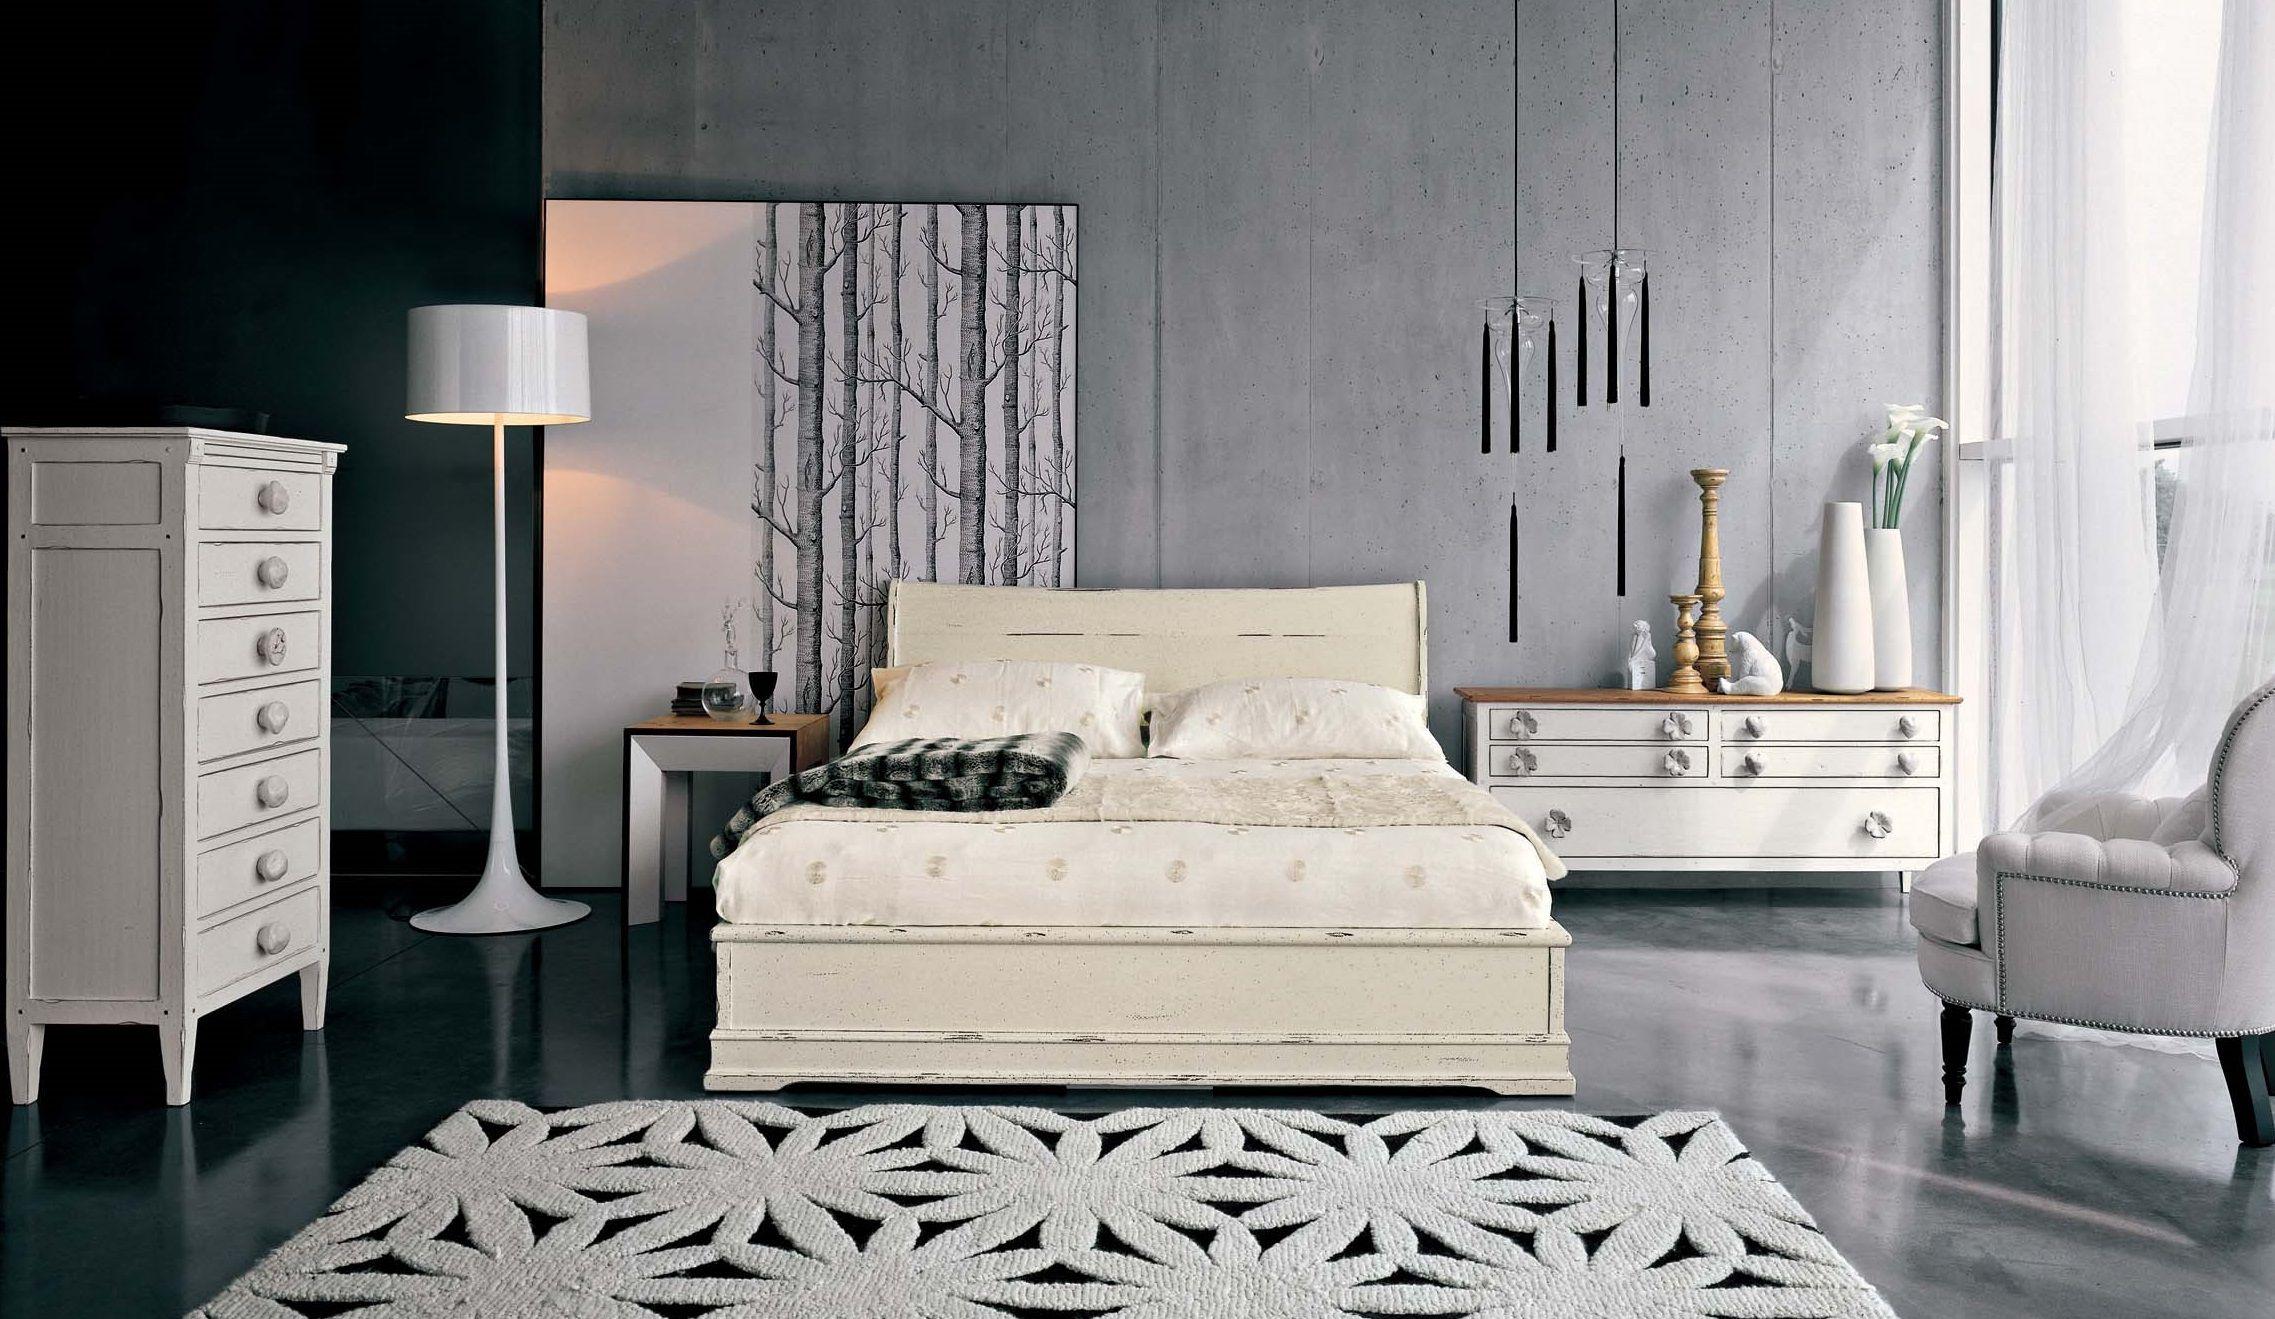 FG924 bed with space insaid (mit Bildern) Design